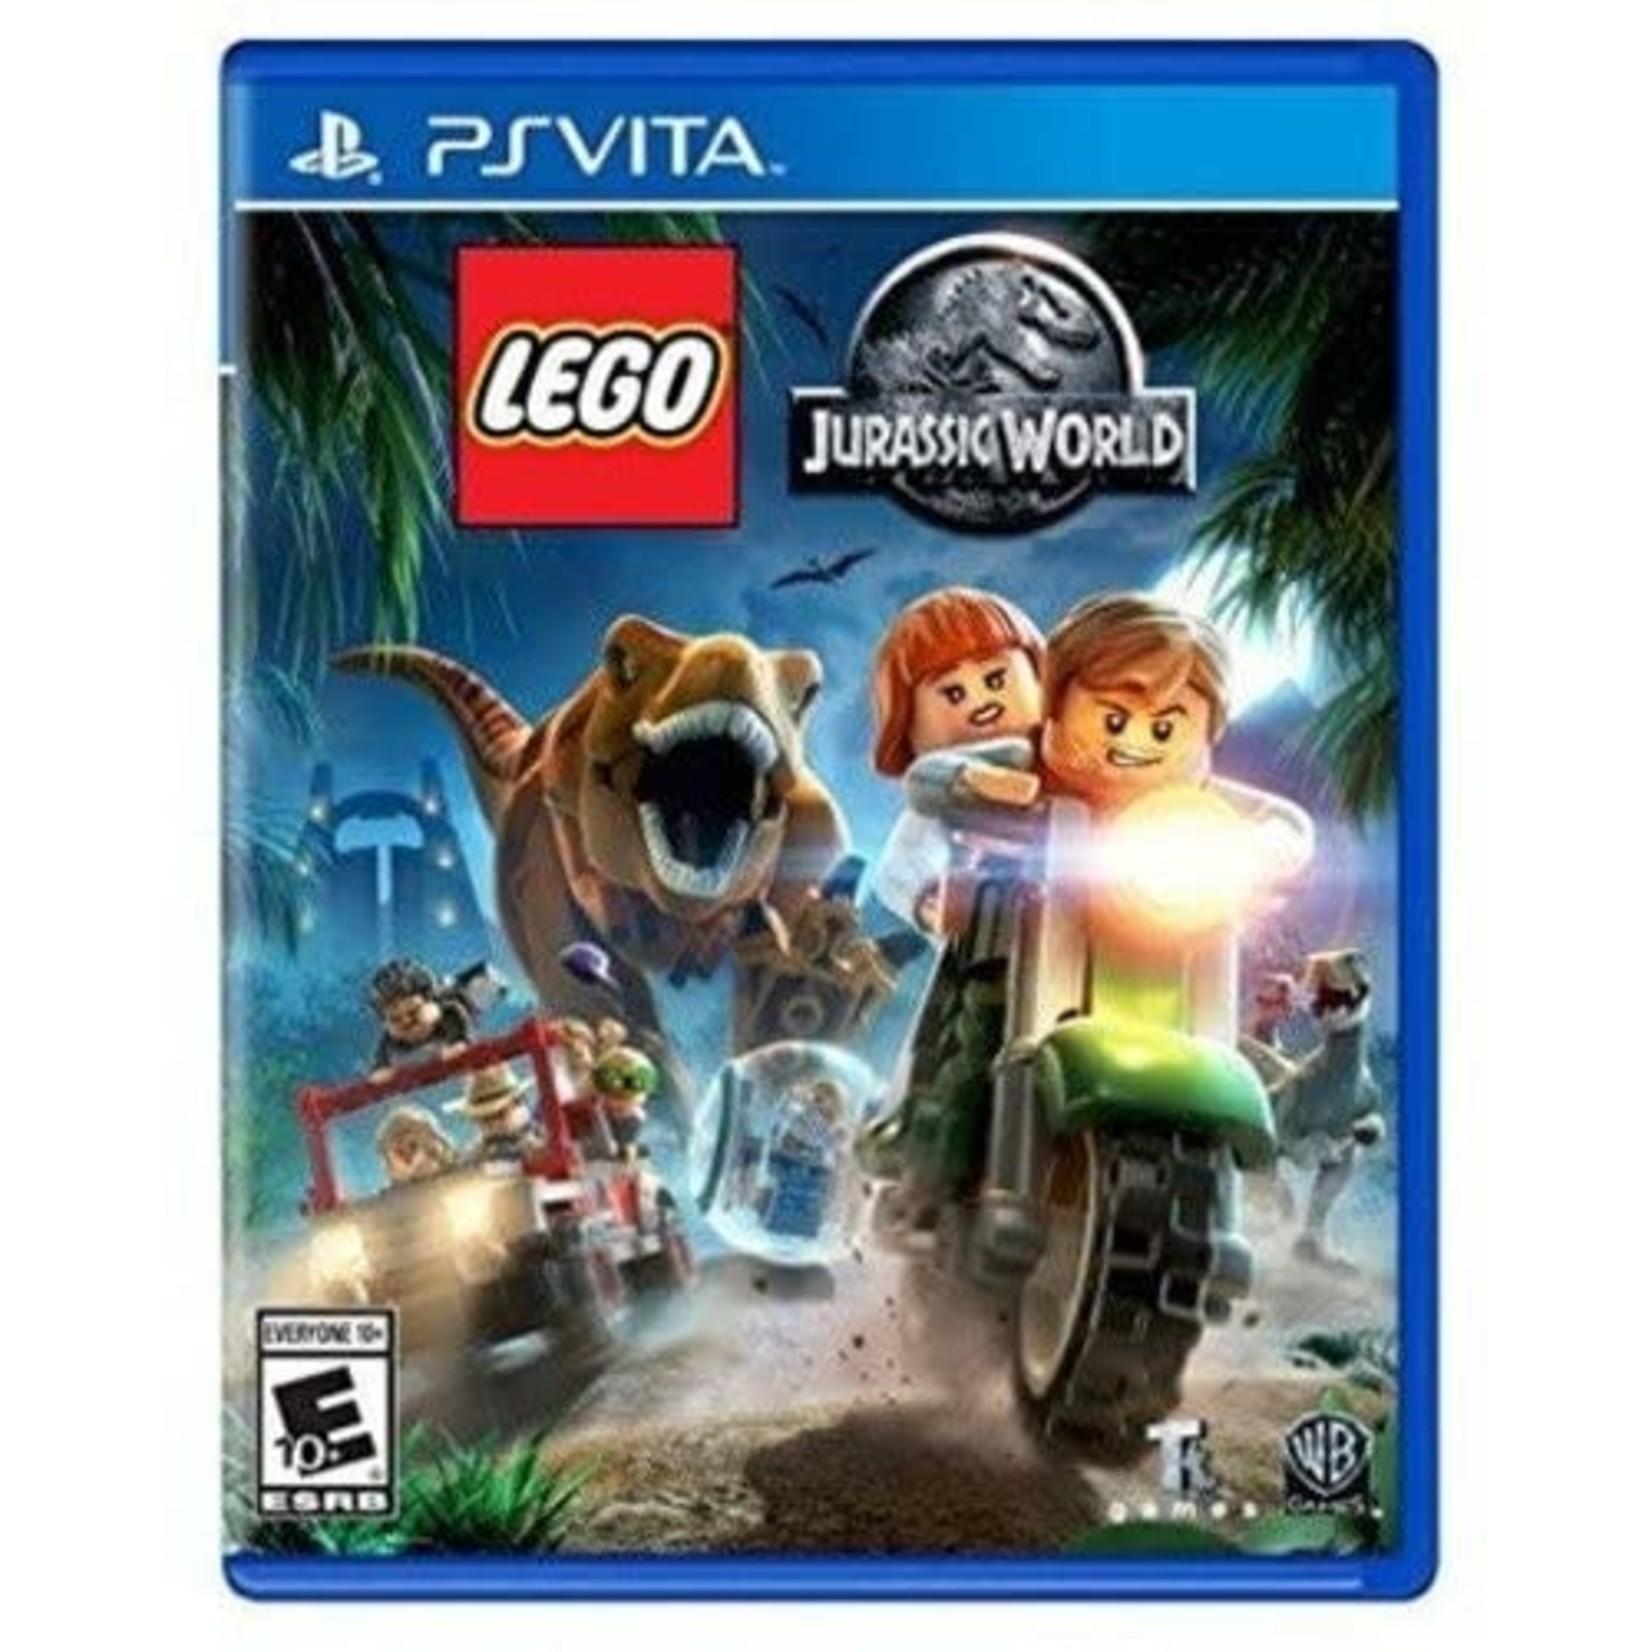 PSV-Lego Jurassic World